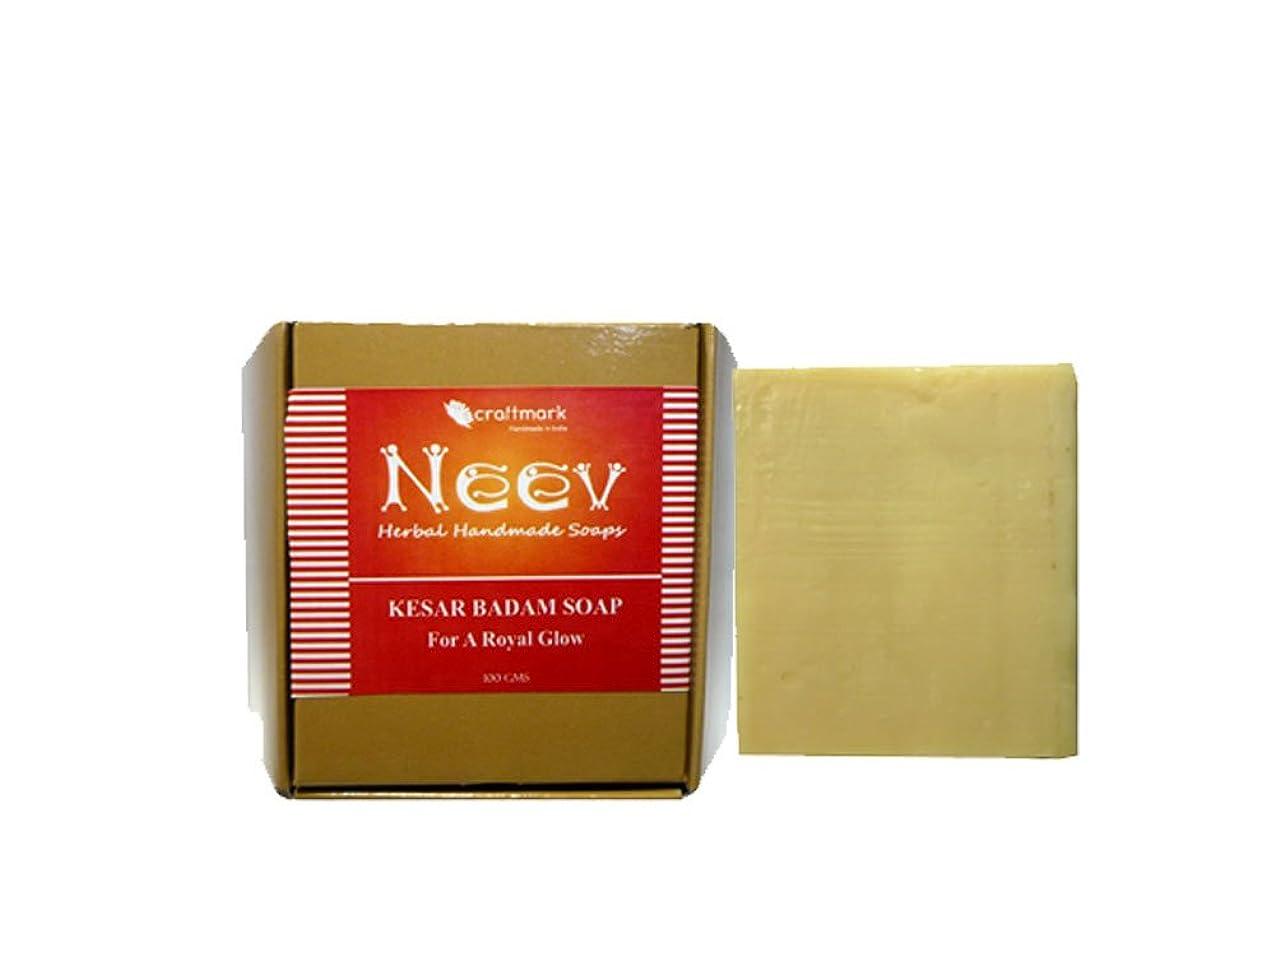 見る優雅モニター手作り ニーブ カサル バダム ソープ NEEV Herbal Kesar Badam SOAP For A Royal Glow